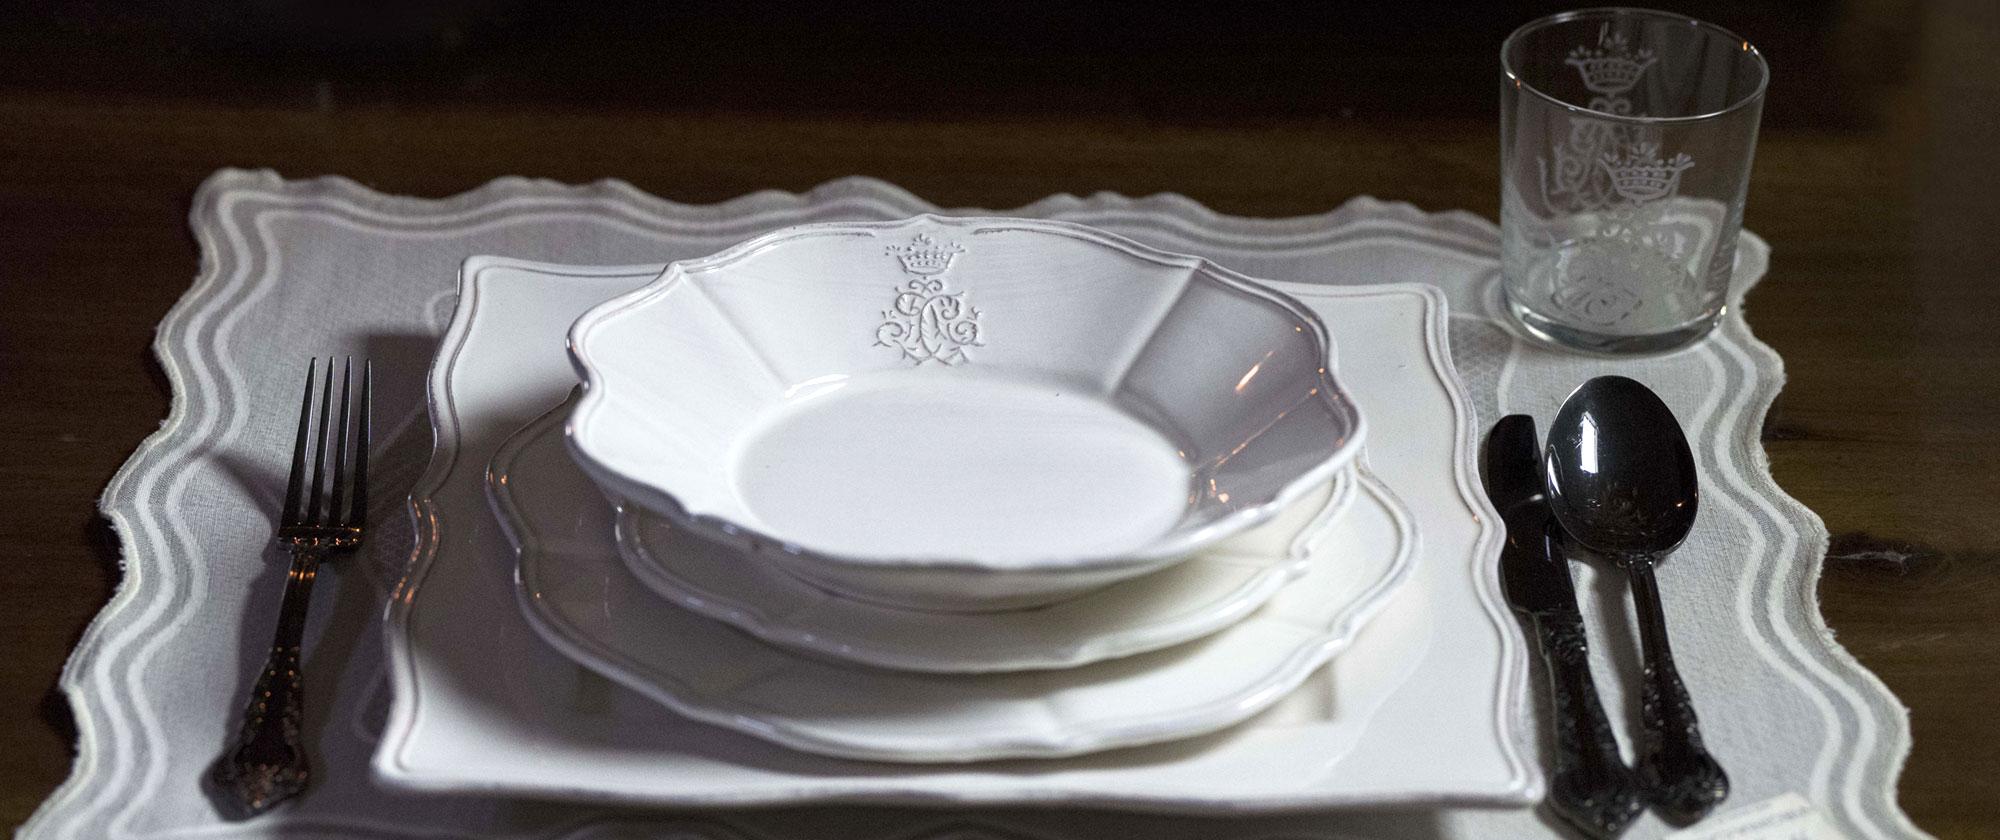 Virginia Casa Ceramiche Prezzi.Virginia Casa Linea Corona